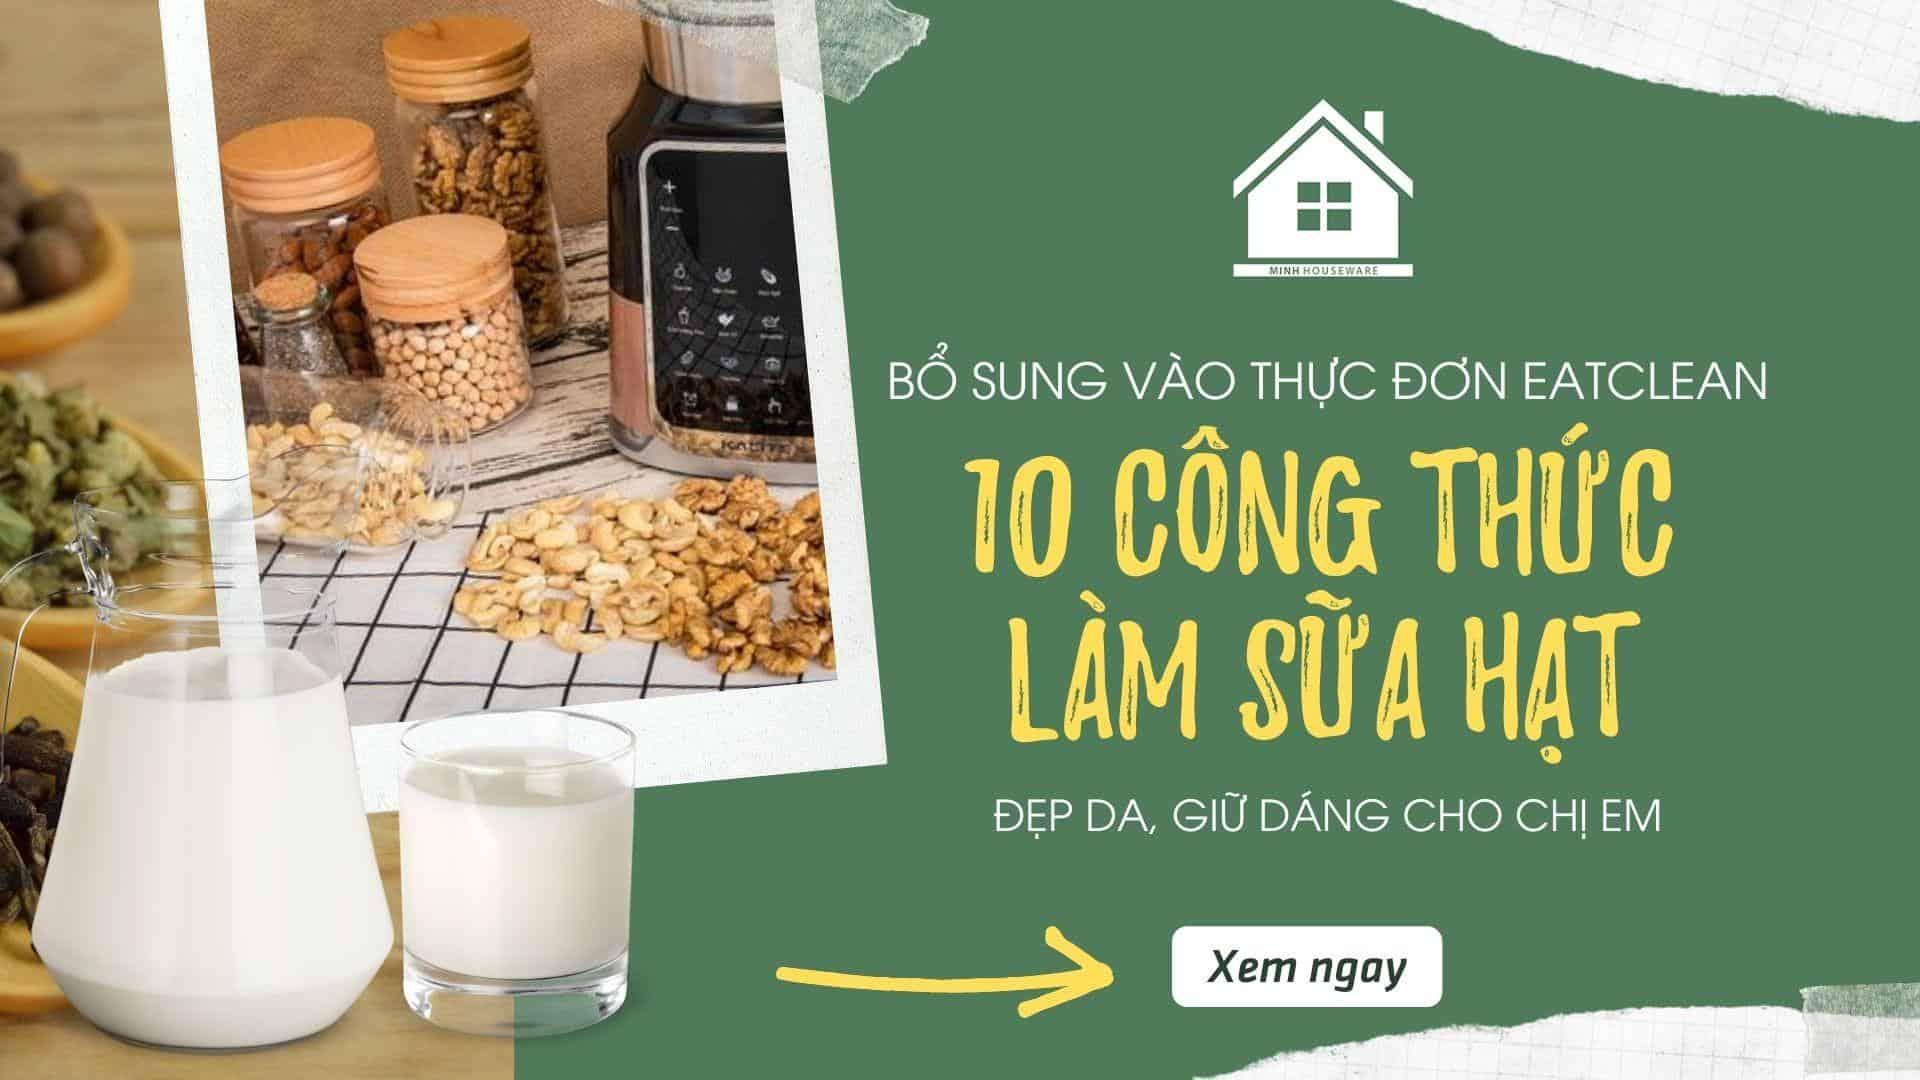 1 10 cong thuc lam sua hat eatclean 1